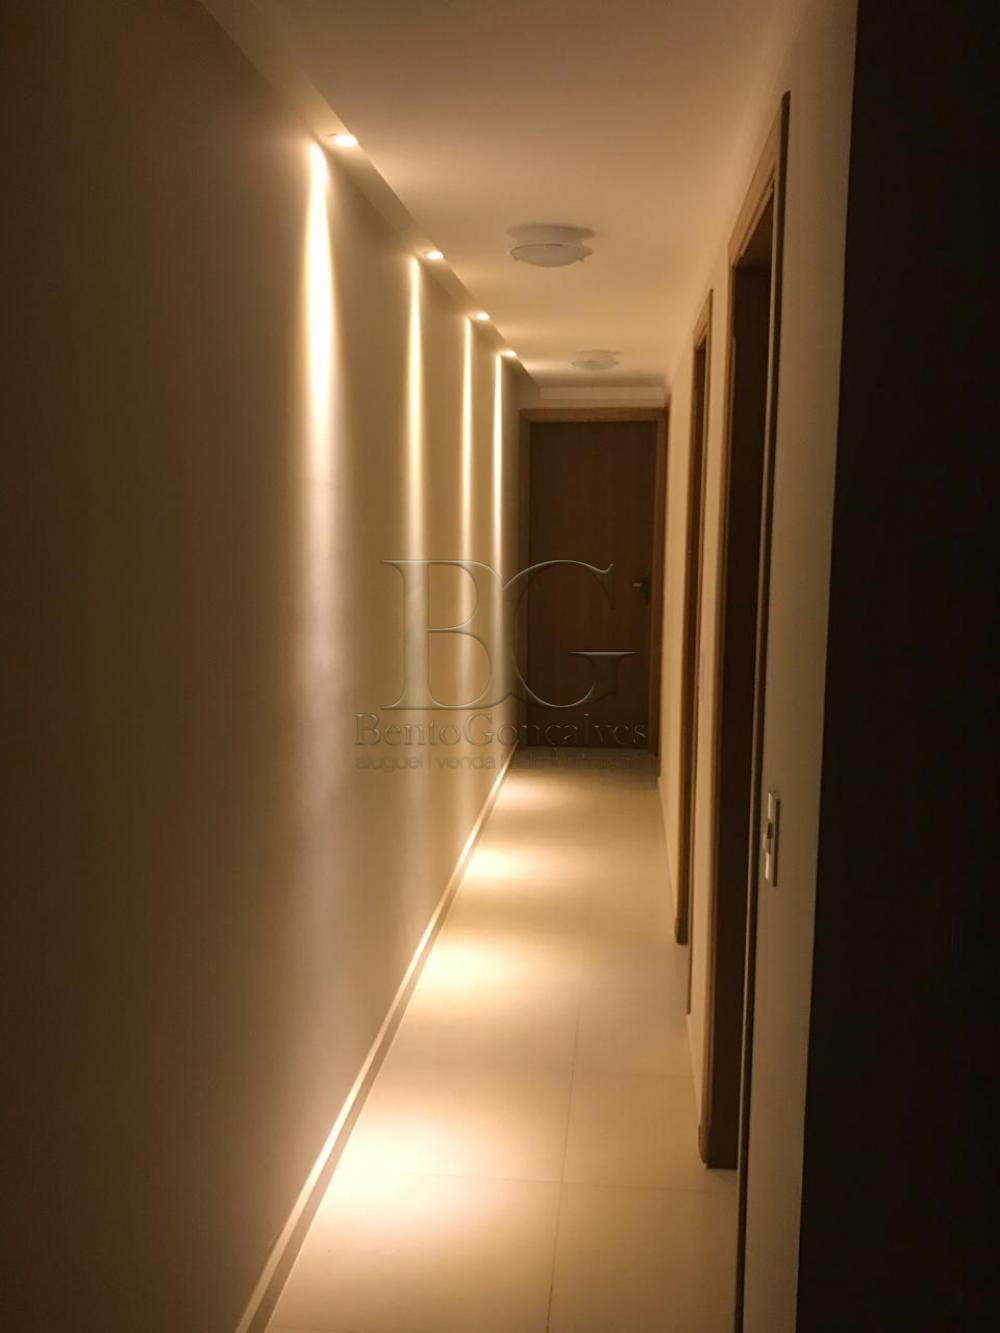 Comprar Apartamentos / Padrão em Poços de Caldas R$ 350.000,00 - Foto 25